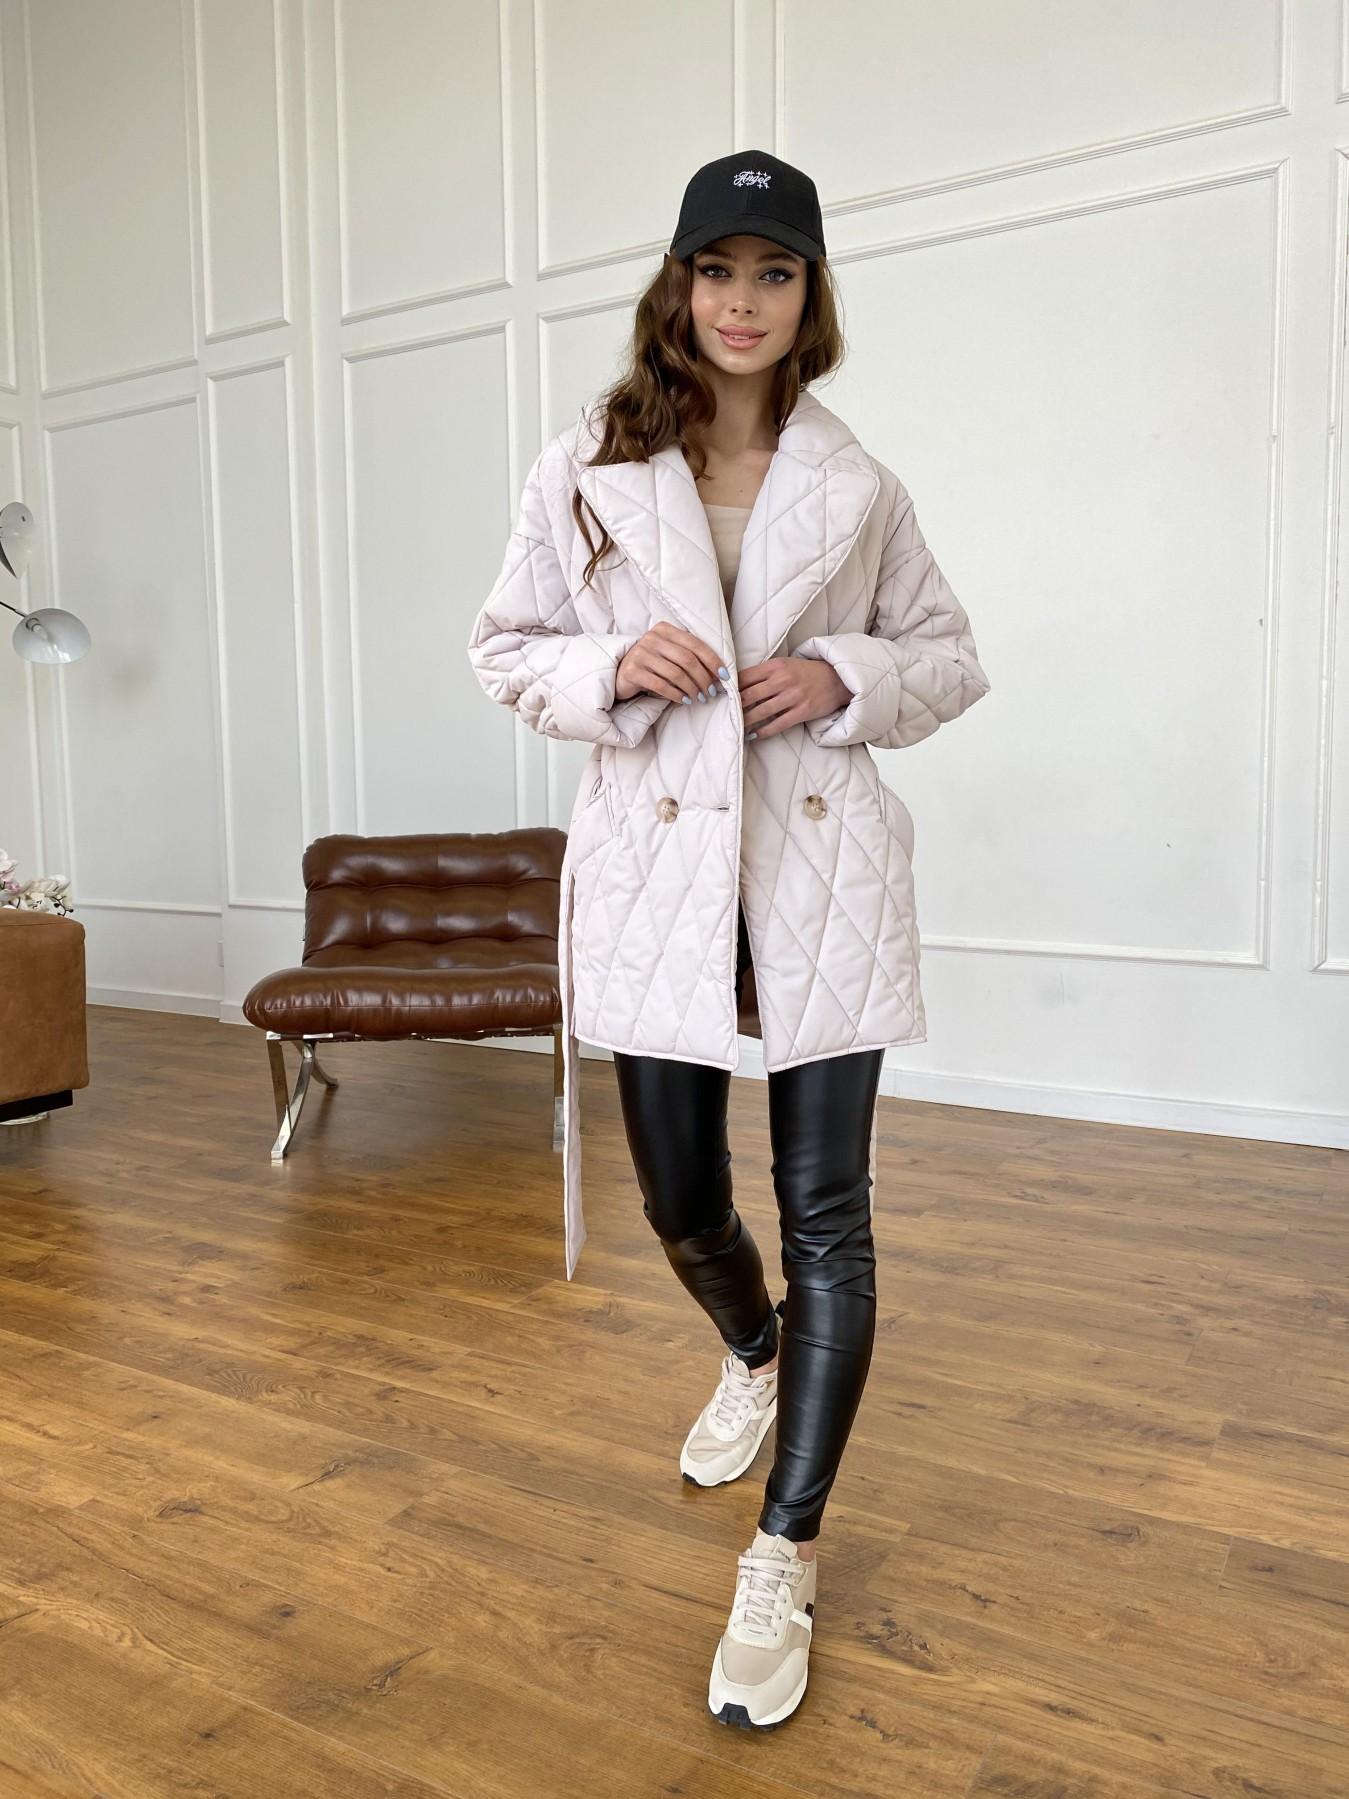 Норд куртка из плащевой ткани стеганая 10883 АРТ. 47551 Цвет: Бежевый 970 - фото 11, интернет магазин tm-modus.ru